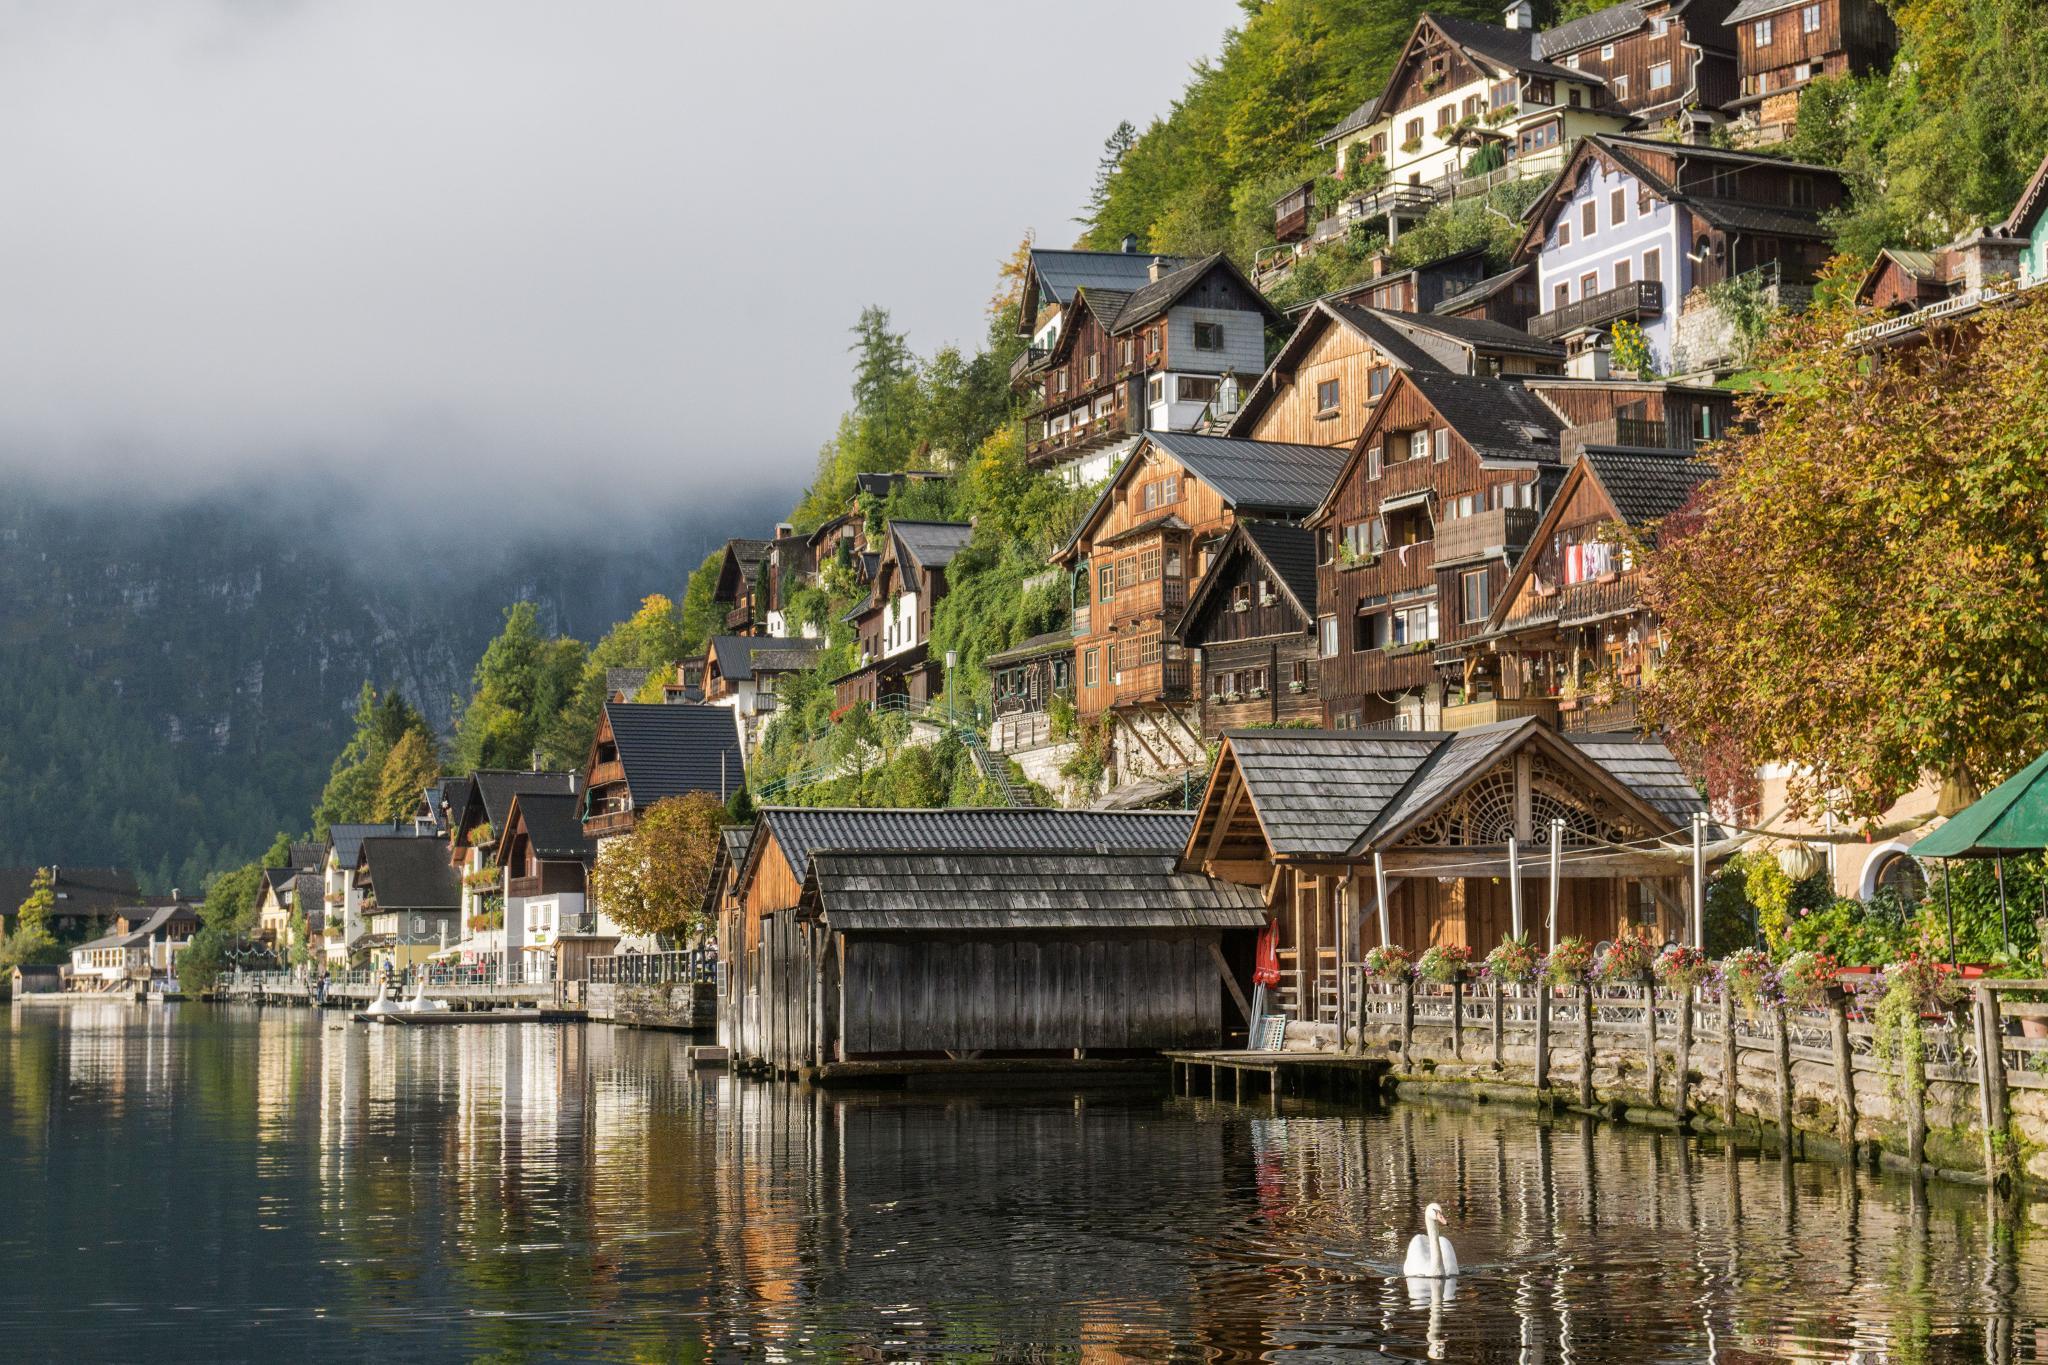 【奧地利】童話仙境 Hallstatt 哈修塔特 — 追逐世界遺產小鎮的夢幻黃金日出 8